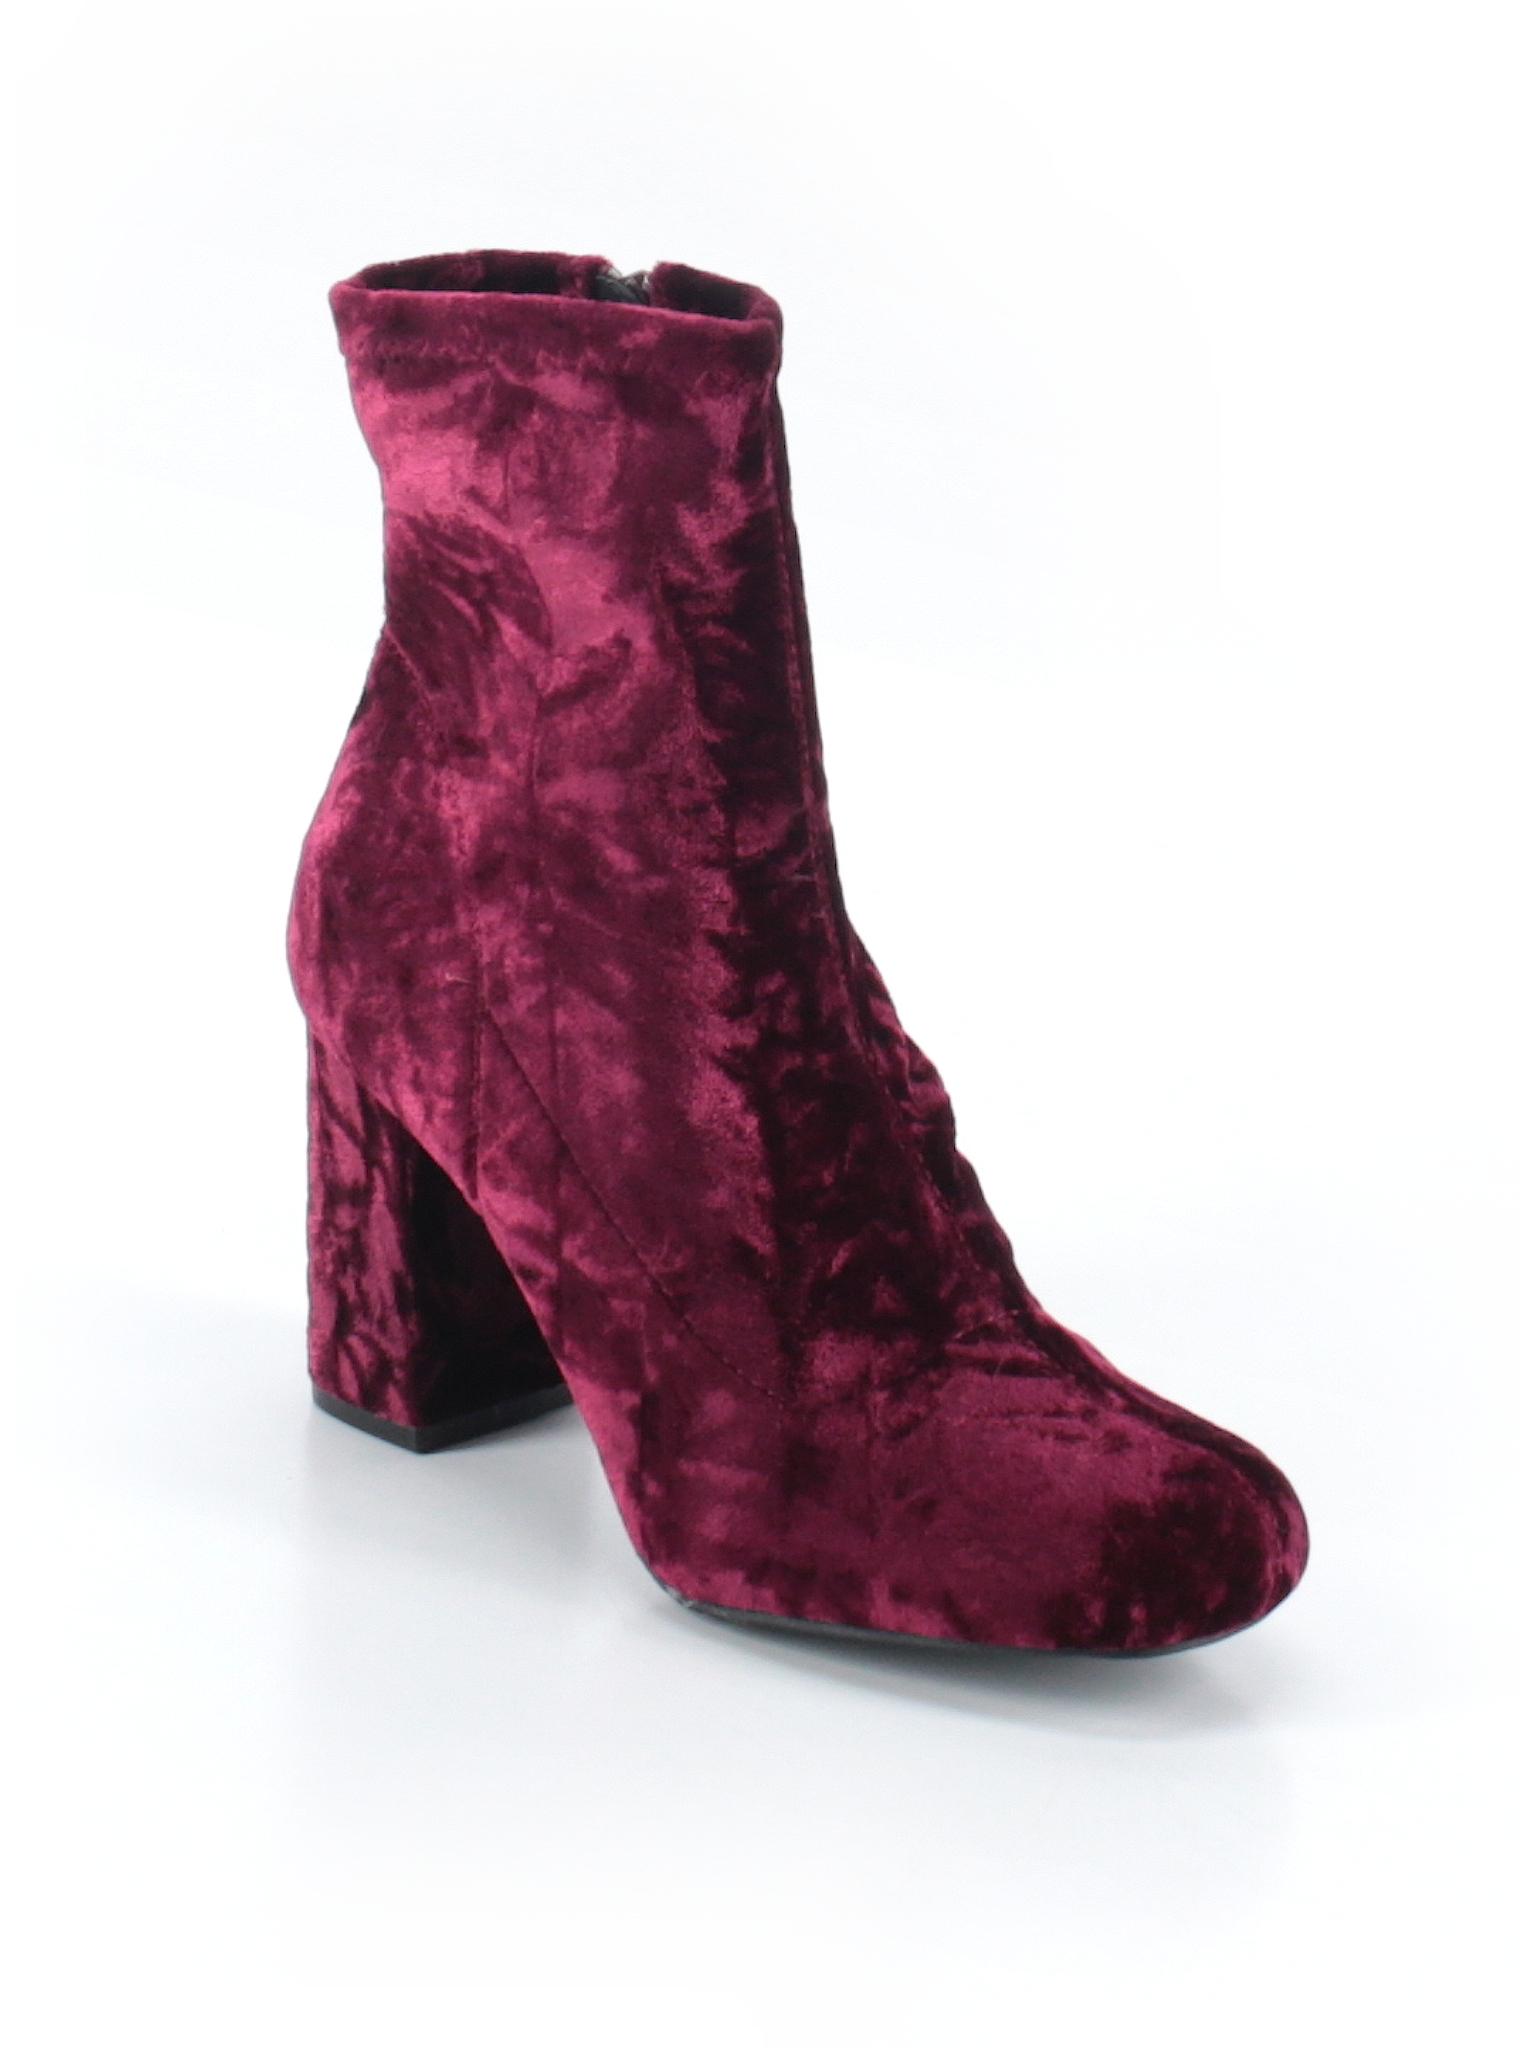 Ankle promotion Boutique Boutique Boutique Boots promotion Mia promotion Boots Mia Ankle Mia Boots Ankle FZxYnT